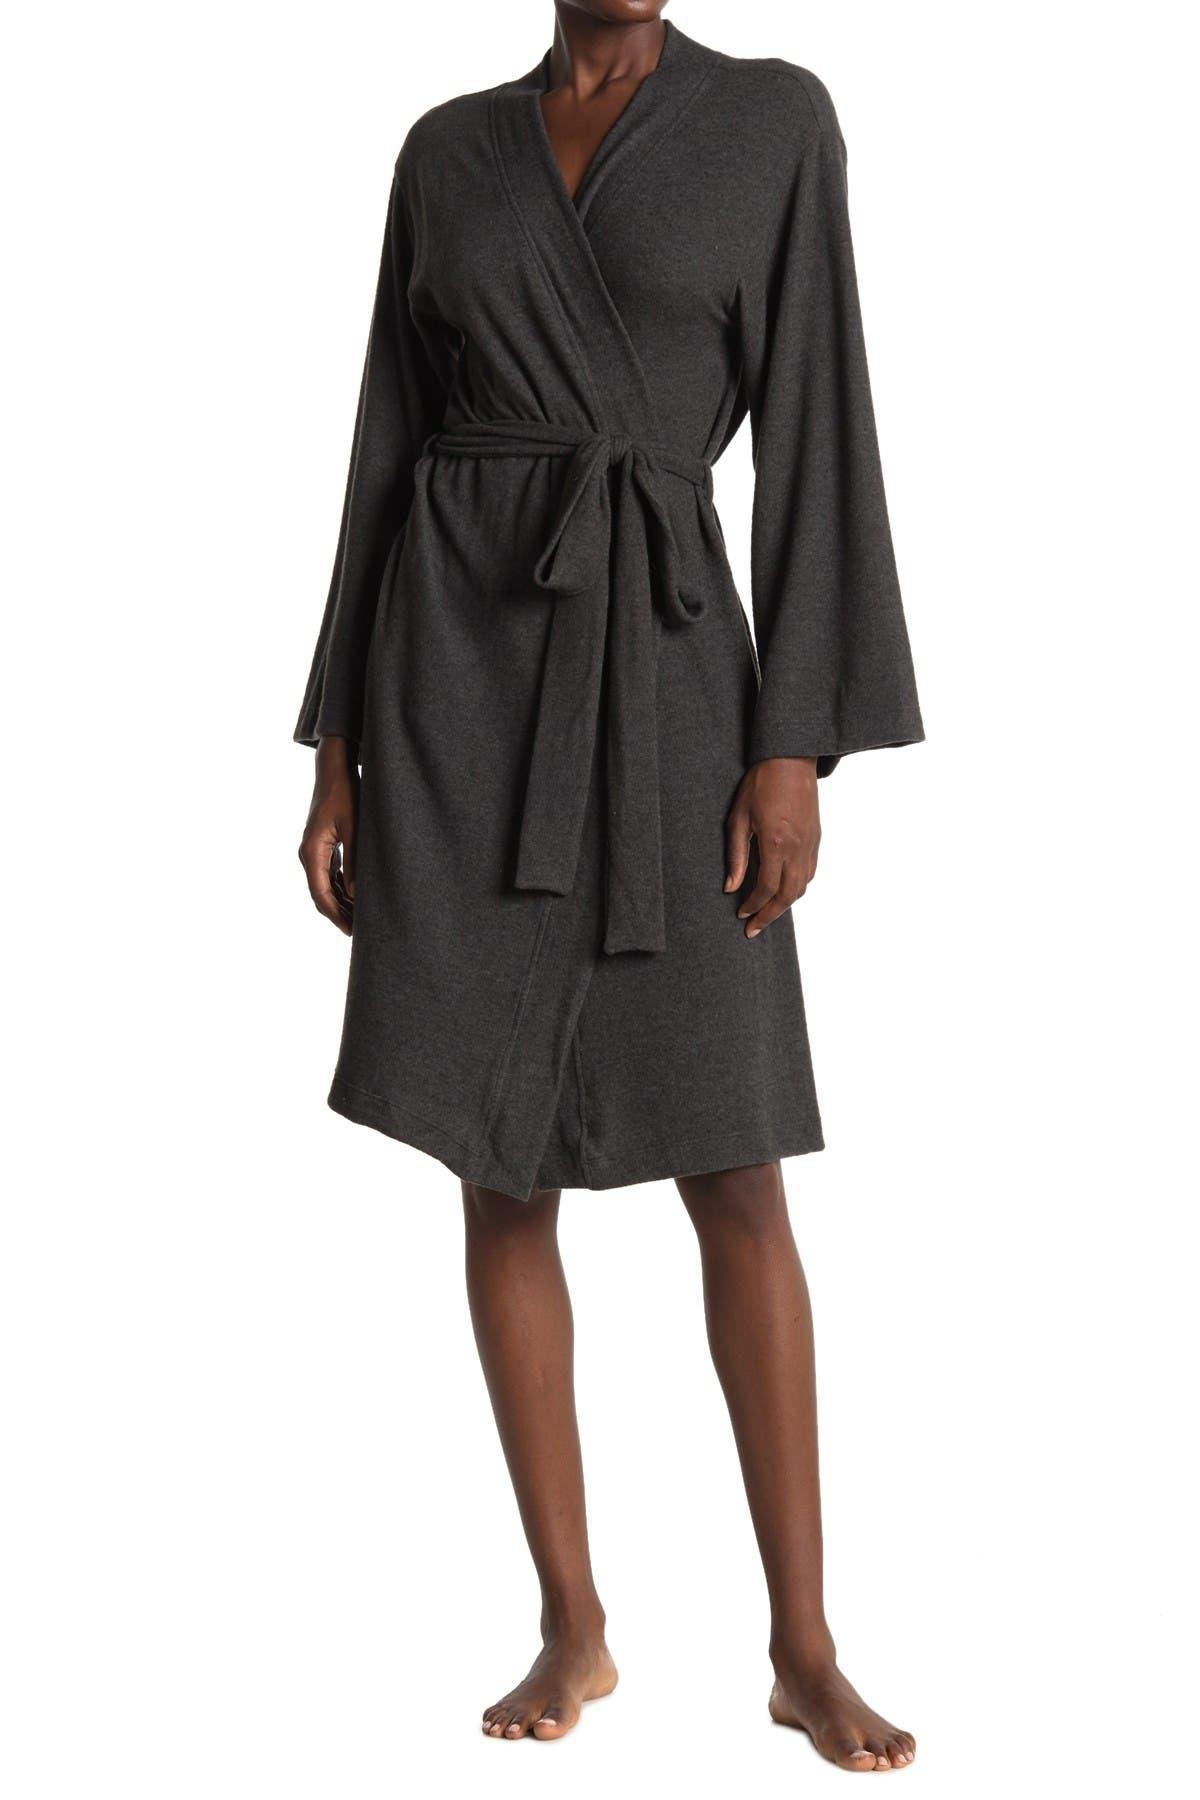 Image of Socialite Midi Robe